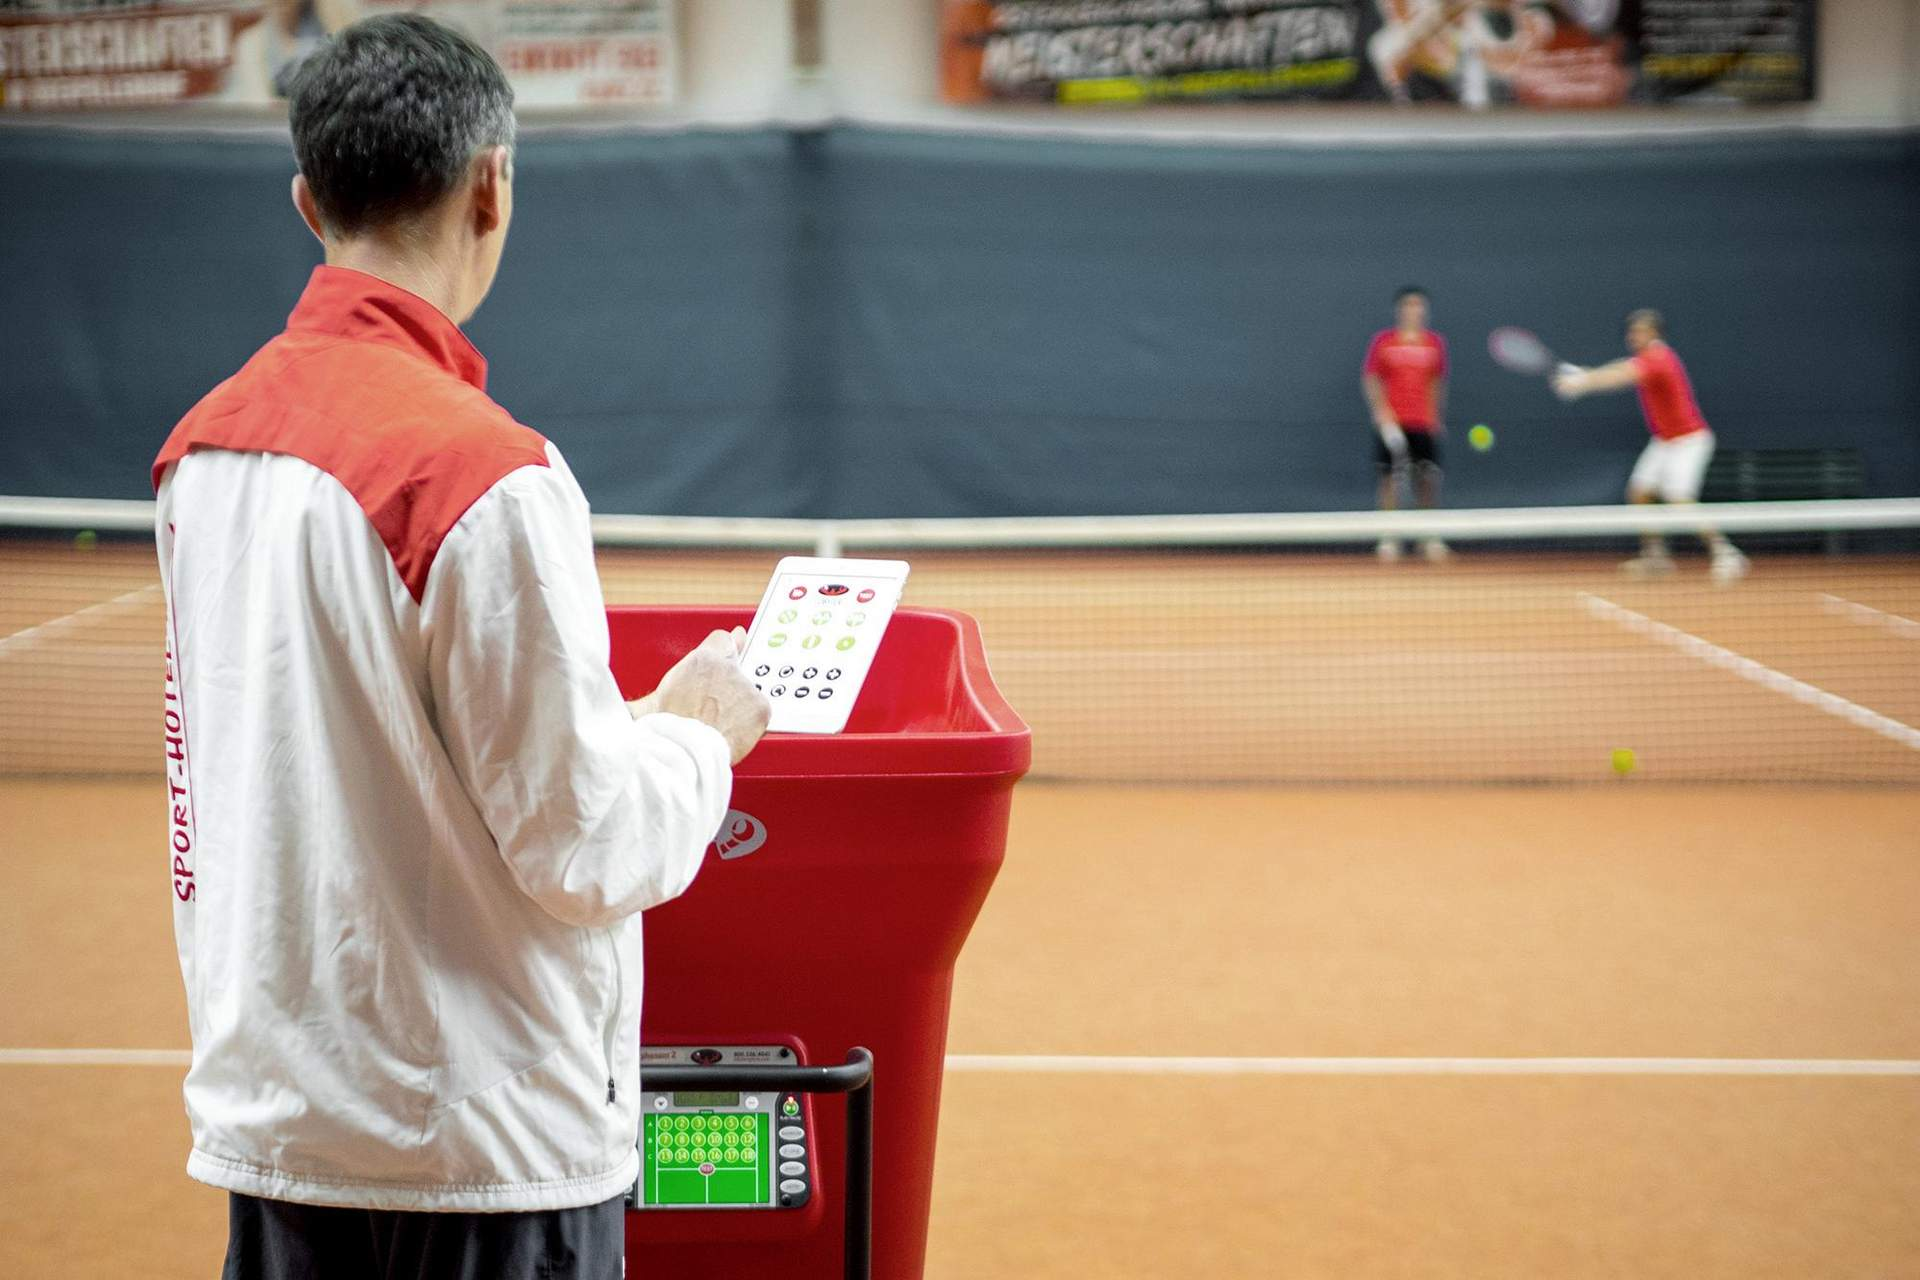 Modernste Tennis Ballwurfmaschine